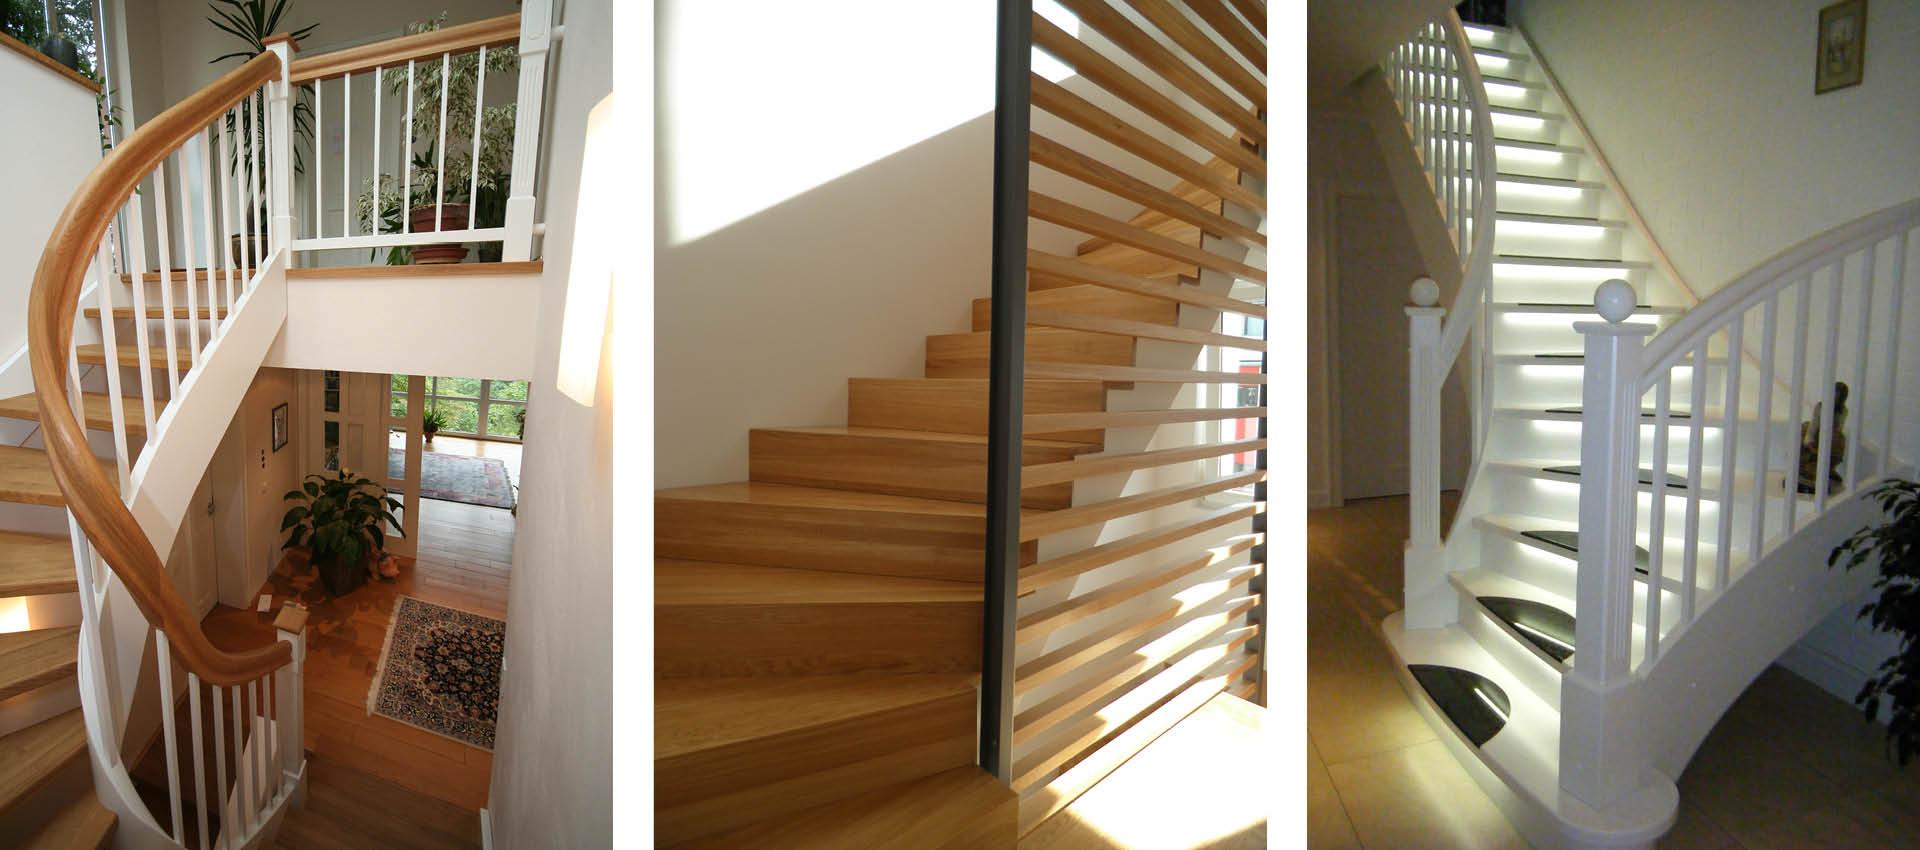 bender-und-roth-galerie13